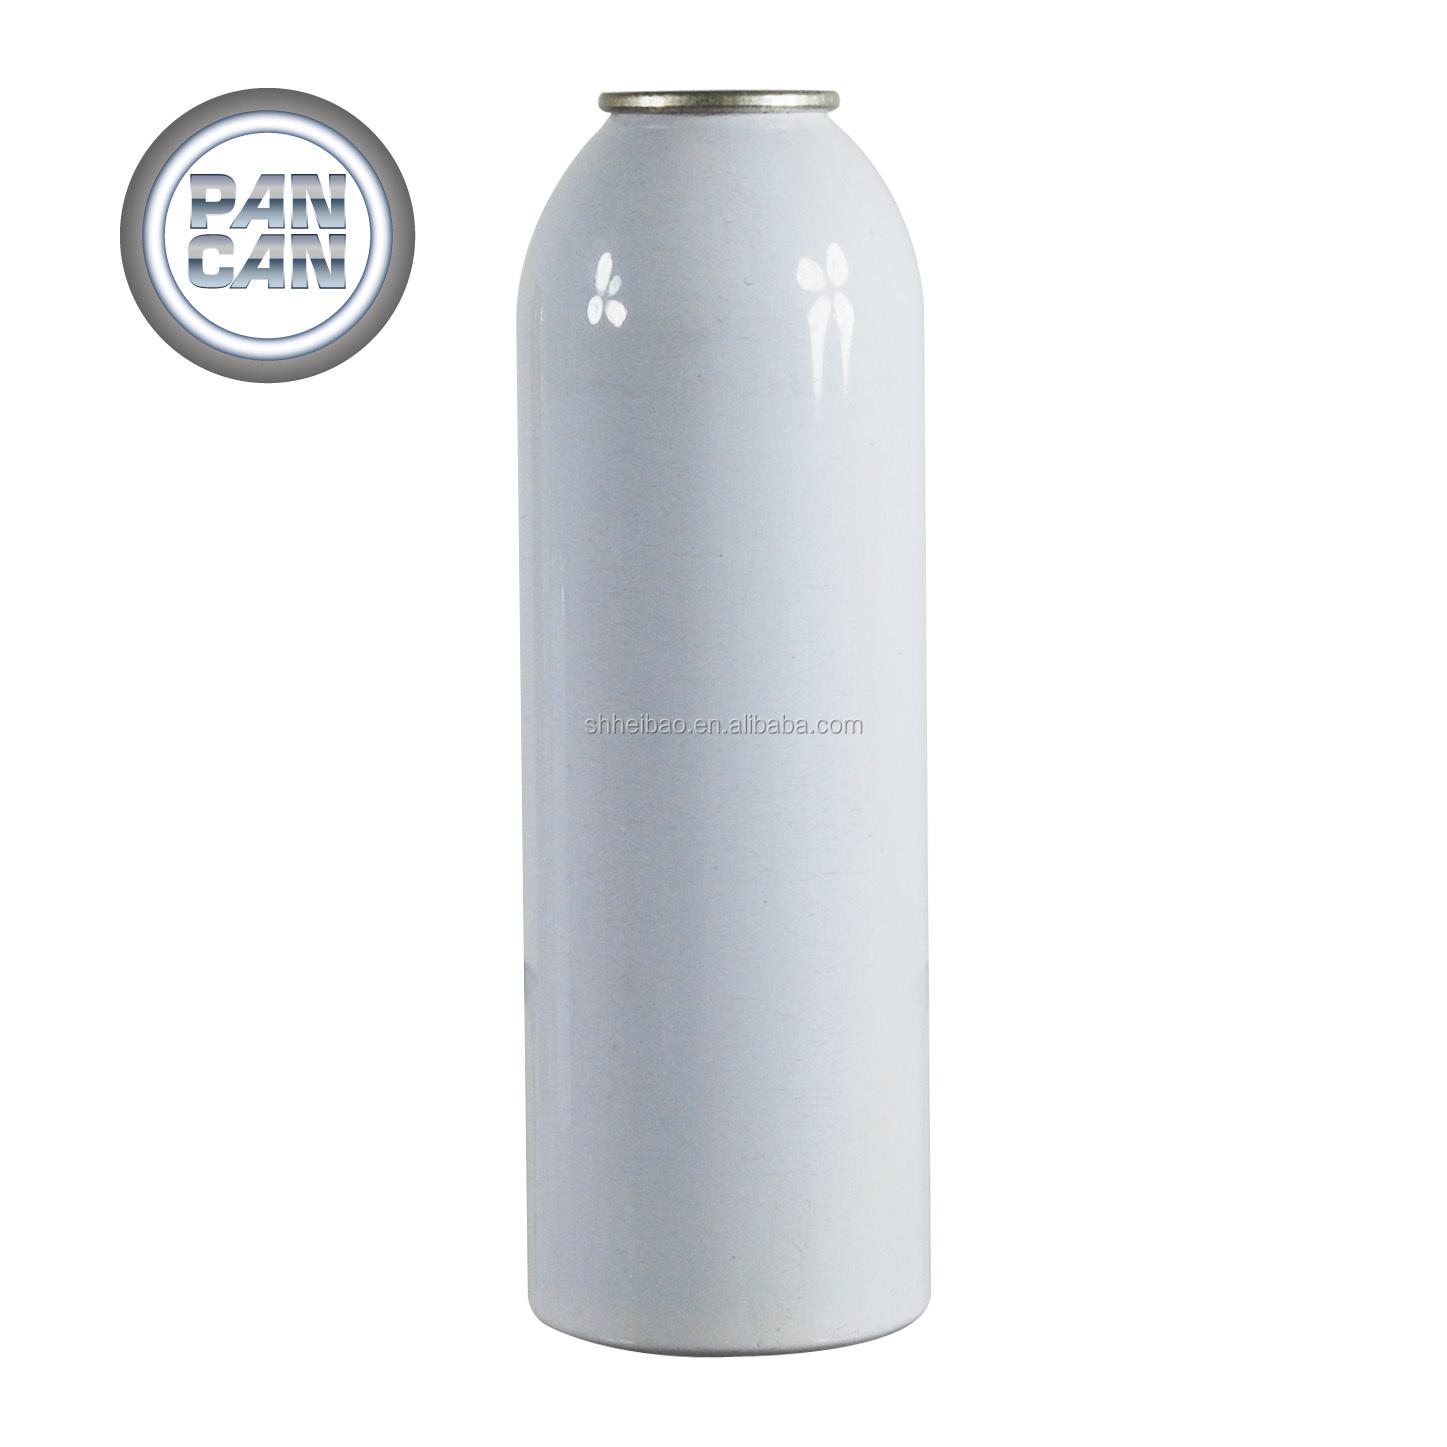 空のアルミ CO2 ガスシリンダー直径の範囲に 22 88 ミリメートル